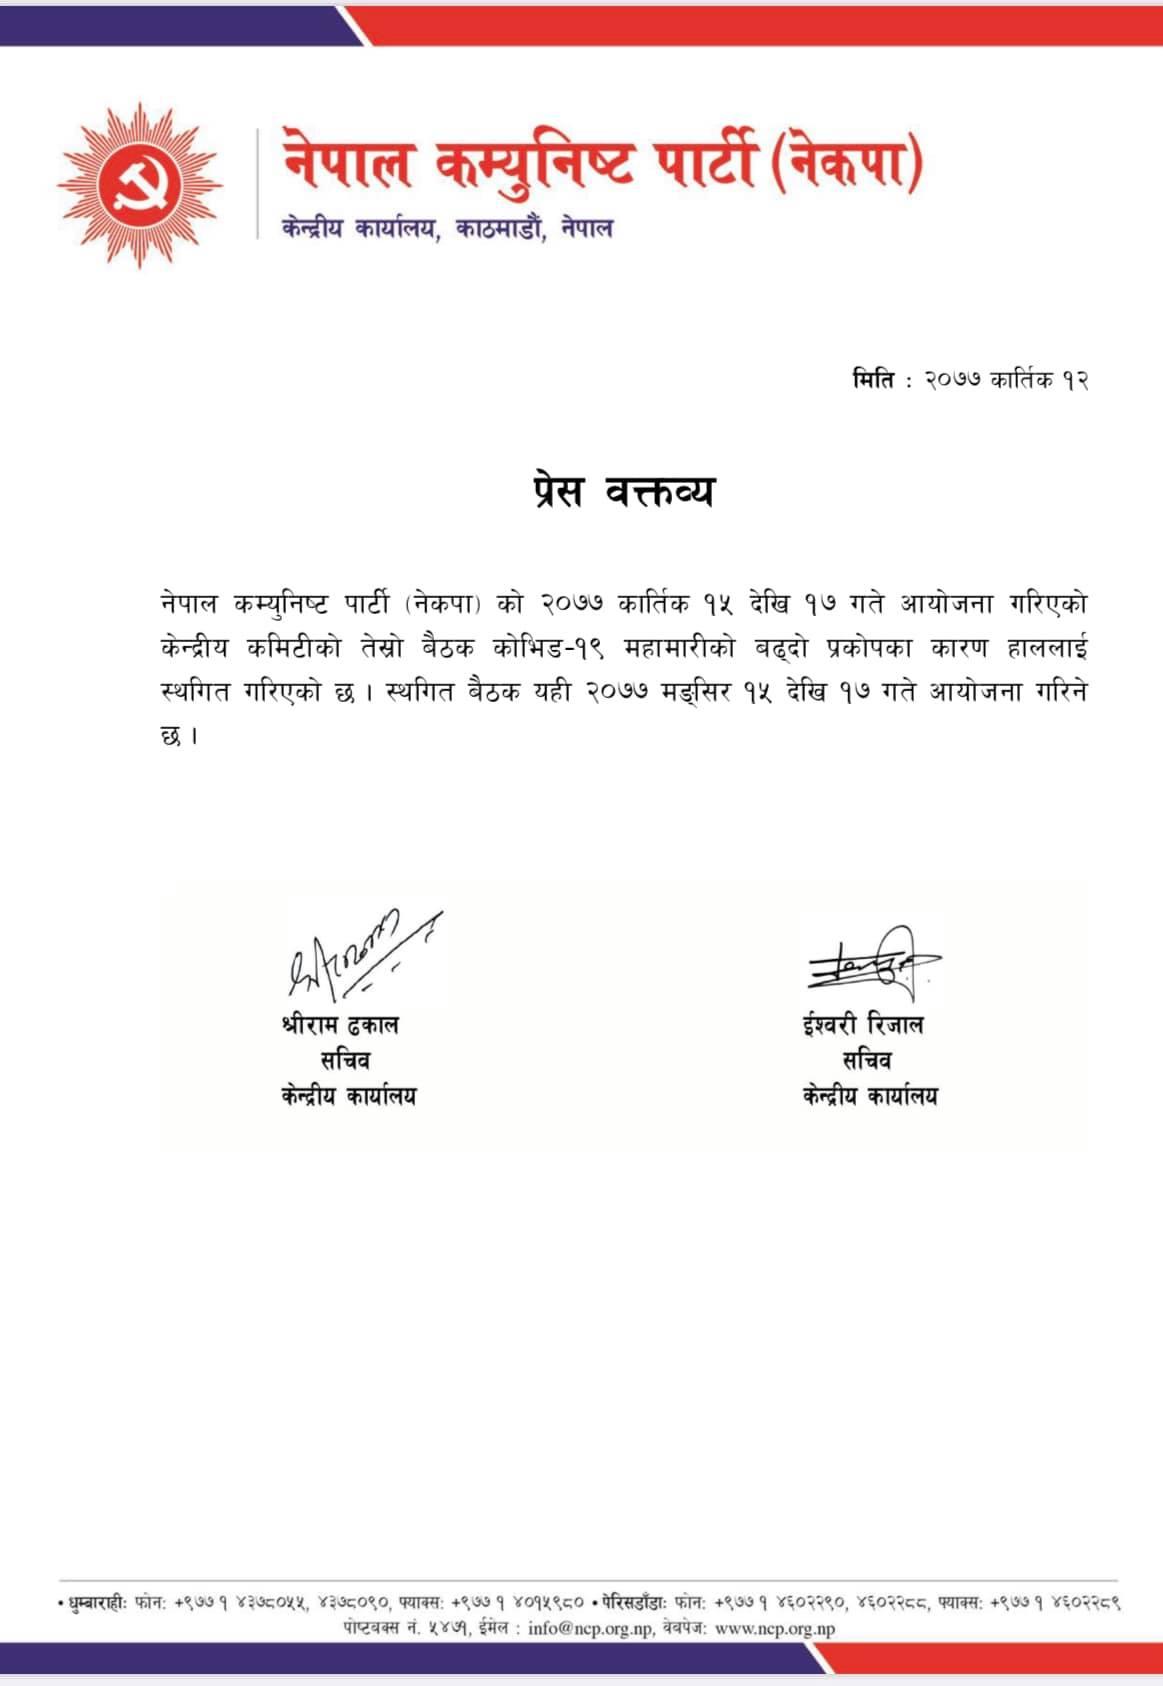 नेपाल कम्युनिस्ट पार्टीको (नेकपा) केन्द्रीय कमिटी बैठक स्थगित